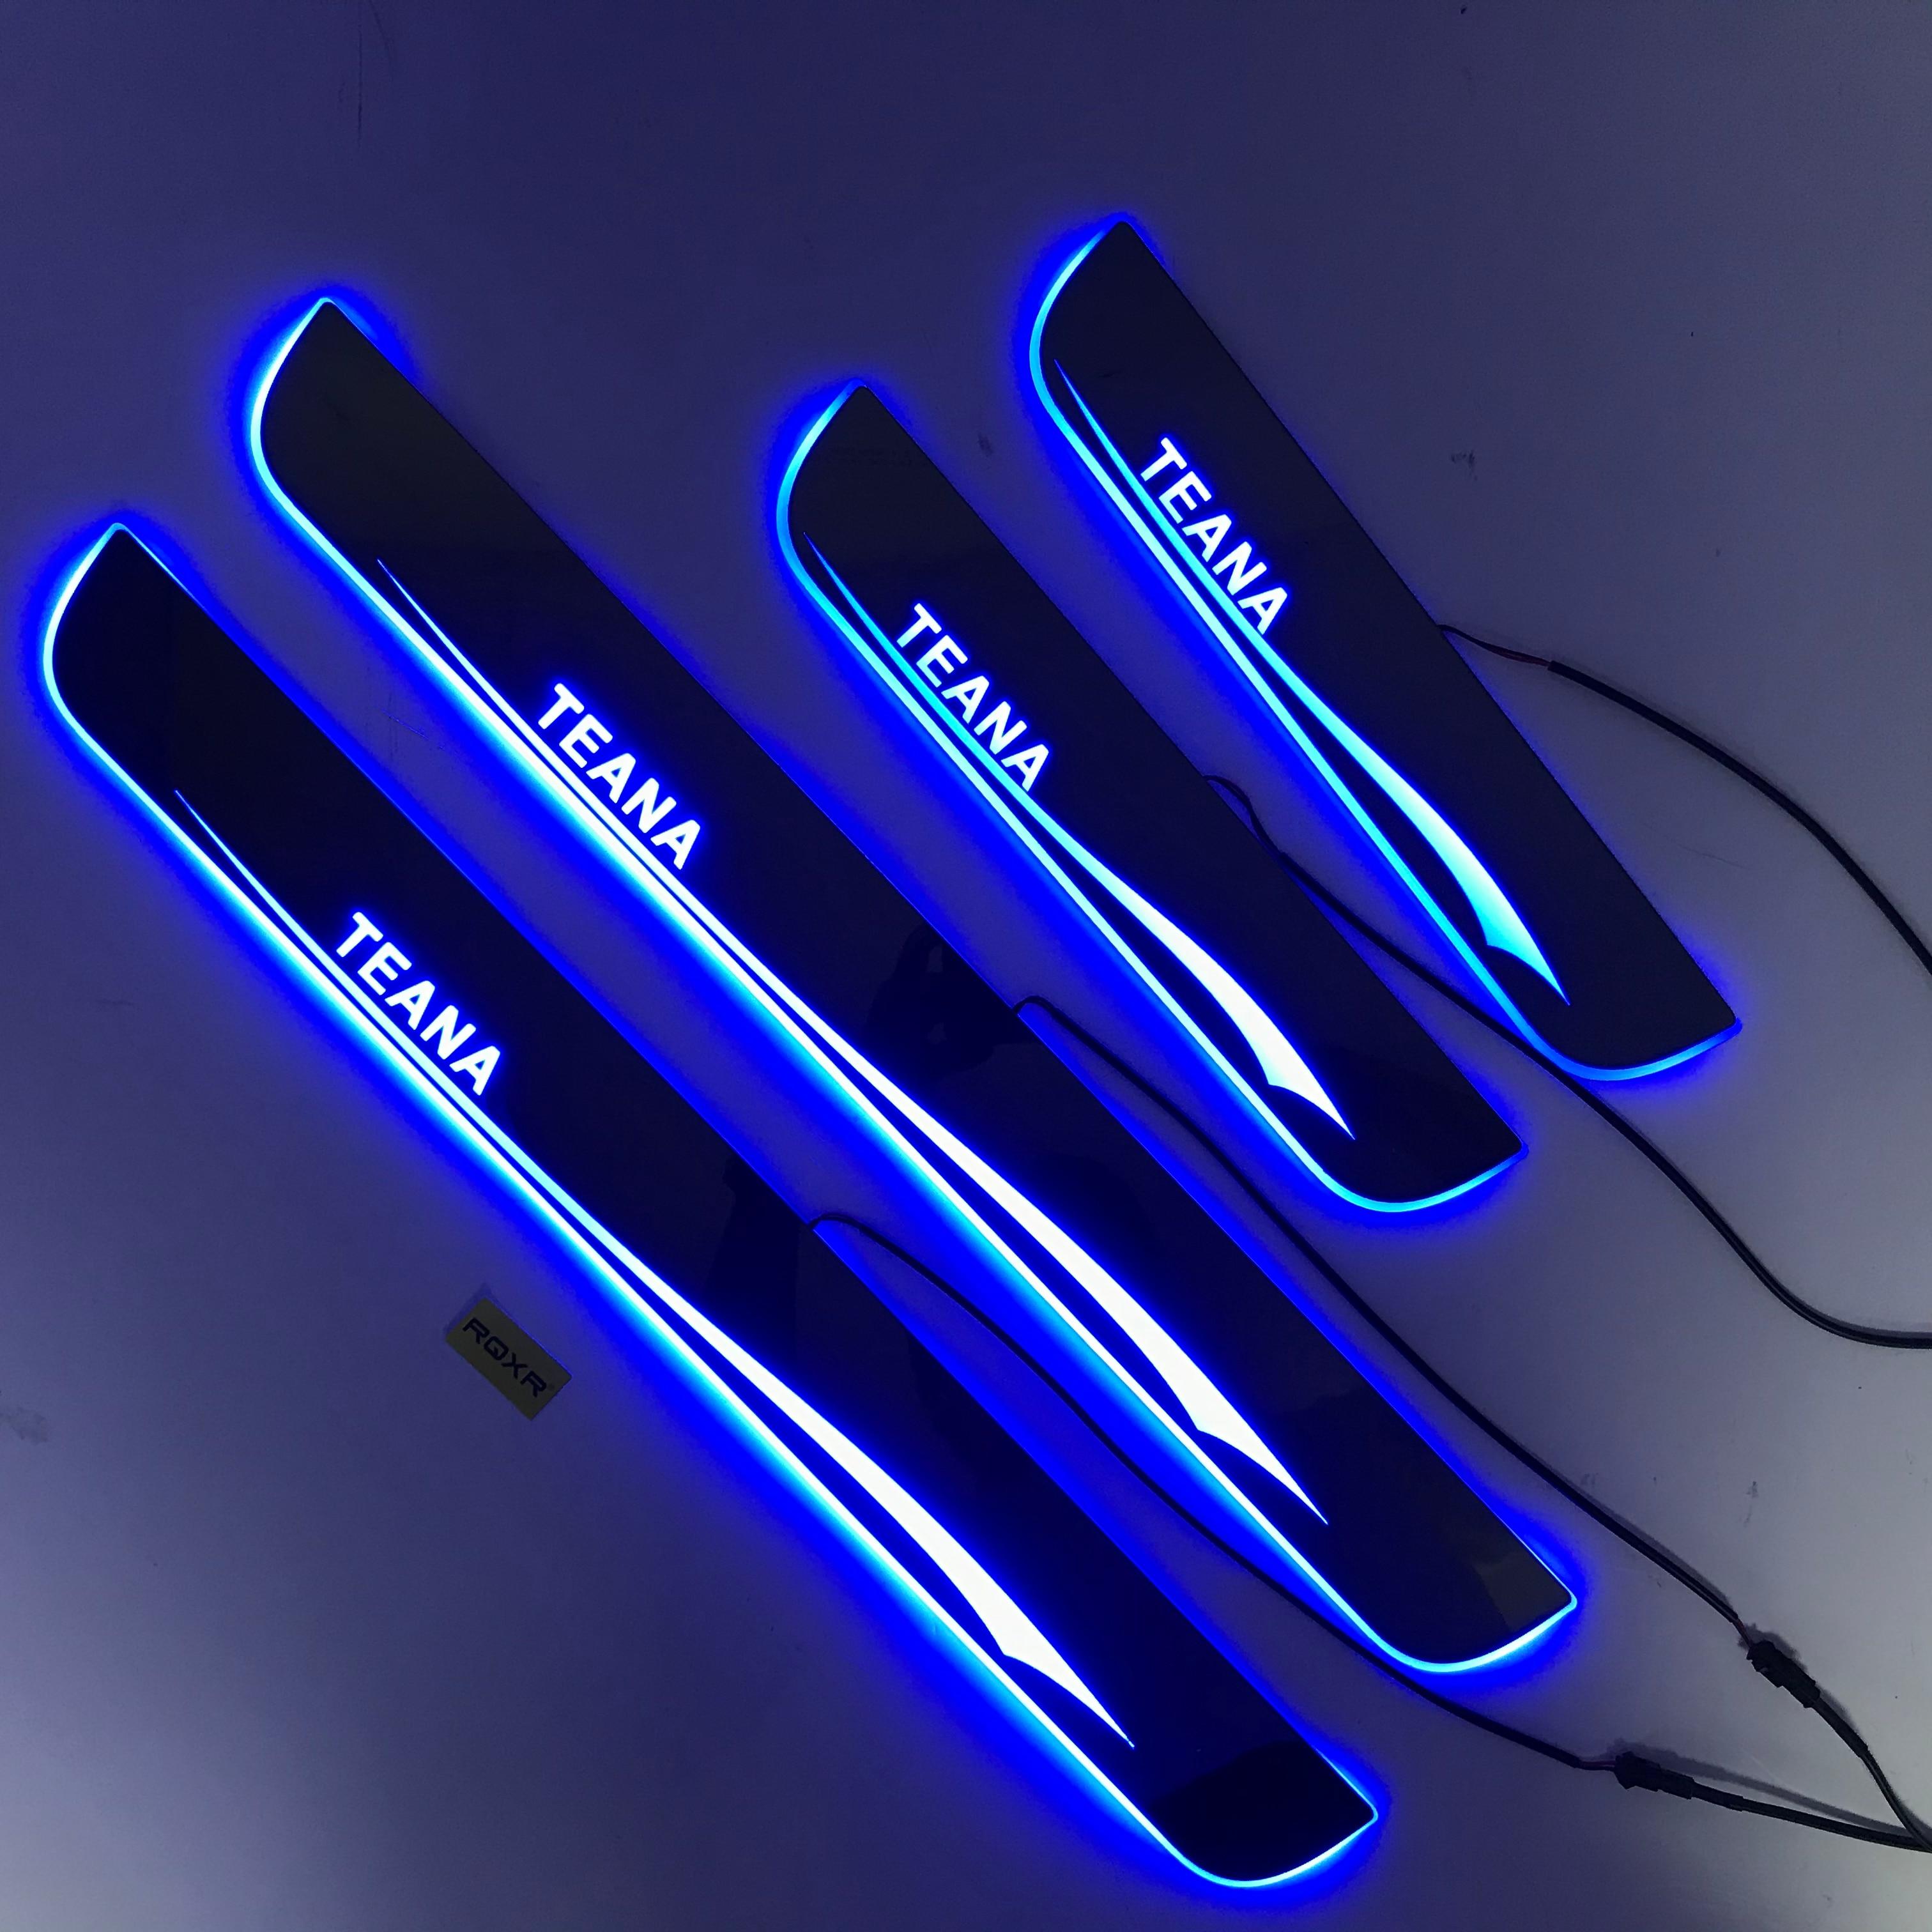 جرجر باب متحرك LED لنيسان Teana L33 عتبة لوحة تراكب بطانات ترحيب دواسة ضوء القوالب